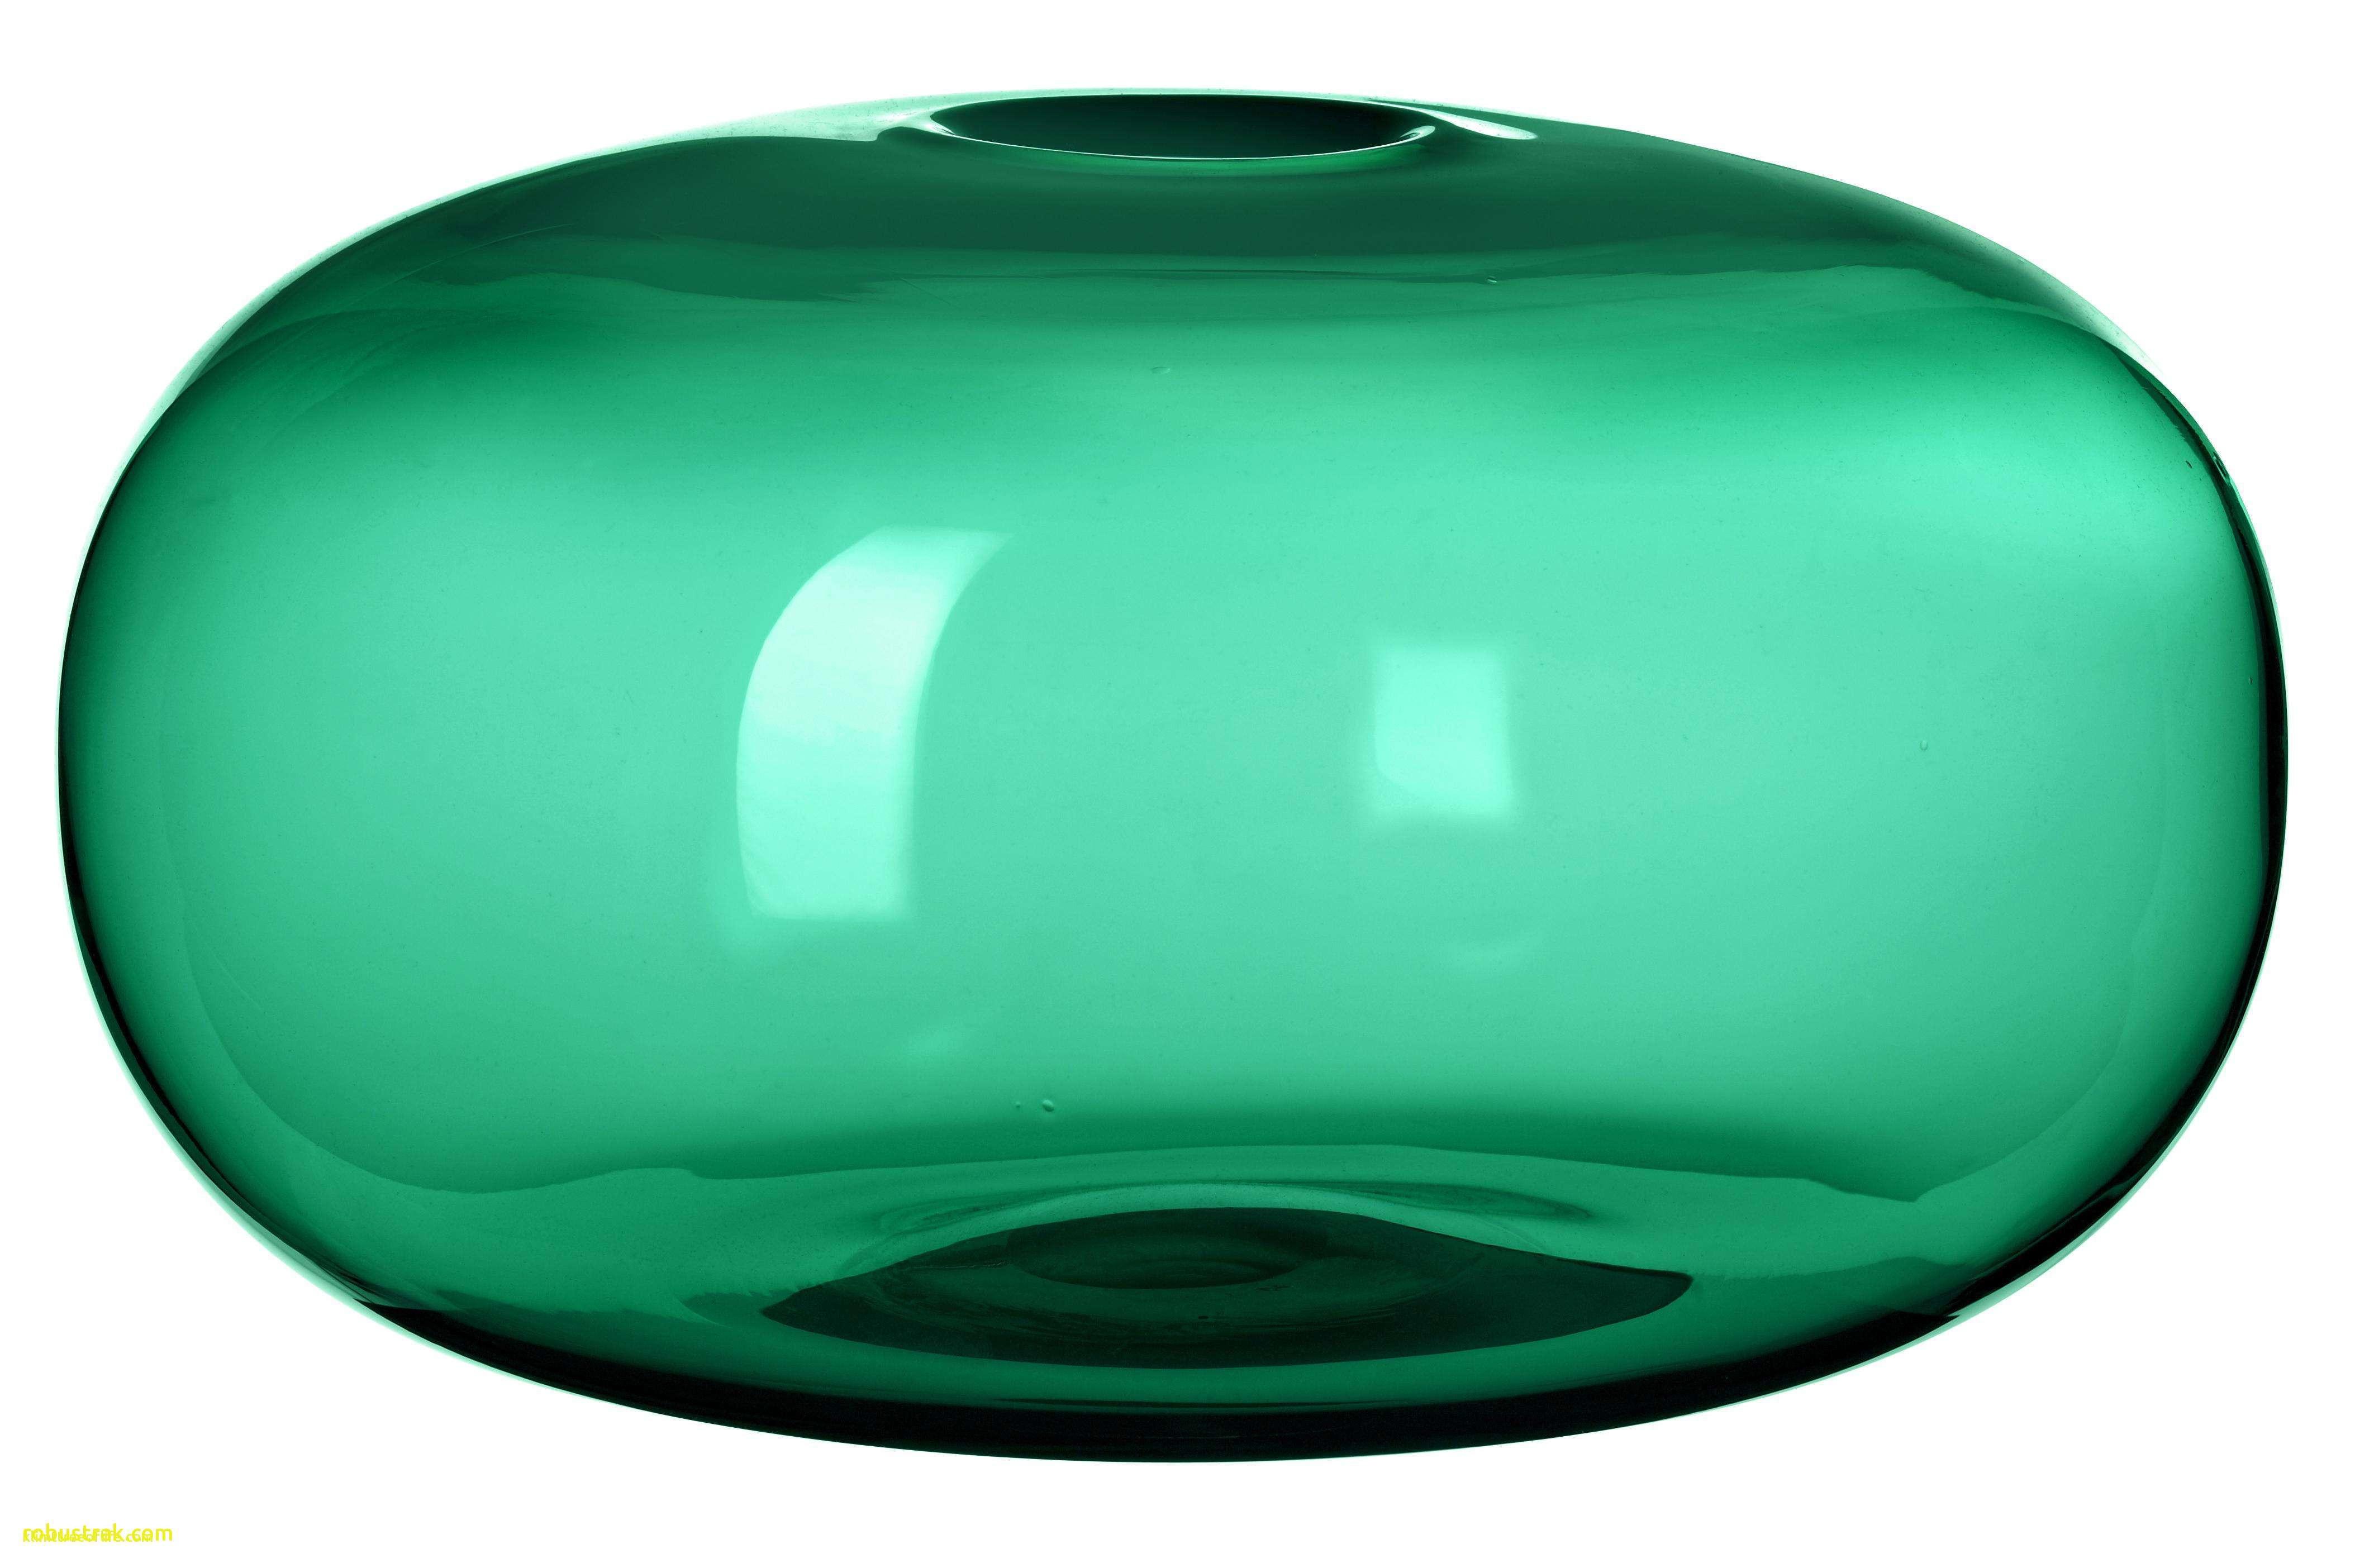 navy glass vase of 36 luxury white living room image living room decor ideas regarding full size of living room ikea vases fresh pe s5h vases ikea white i 0d